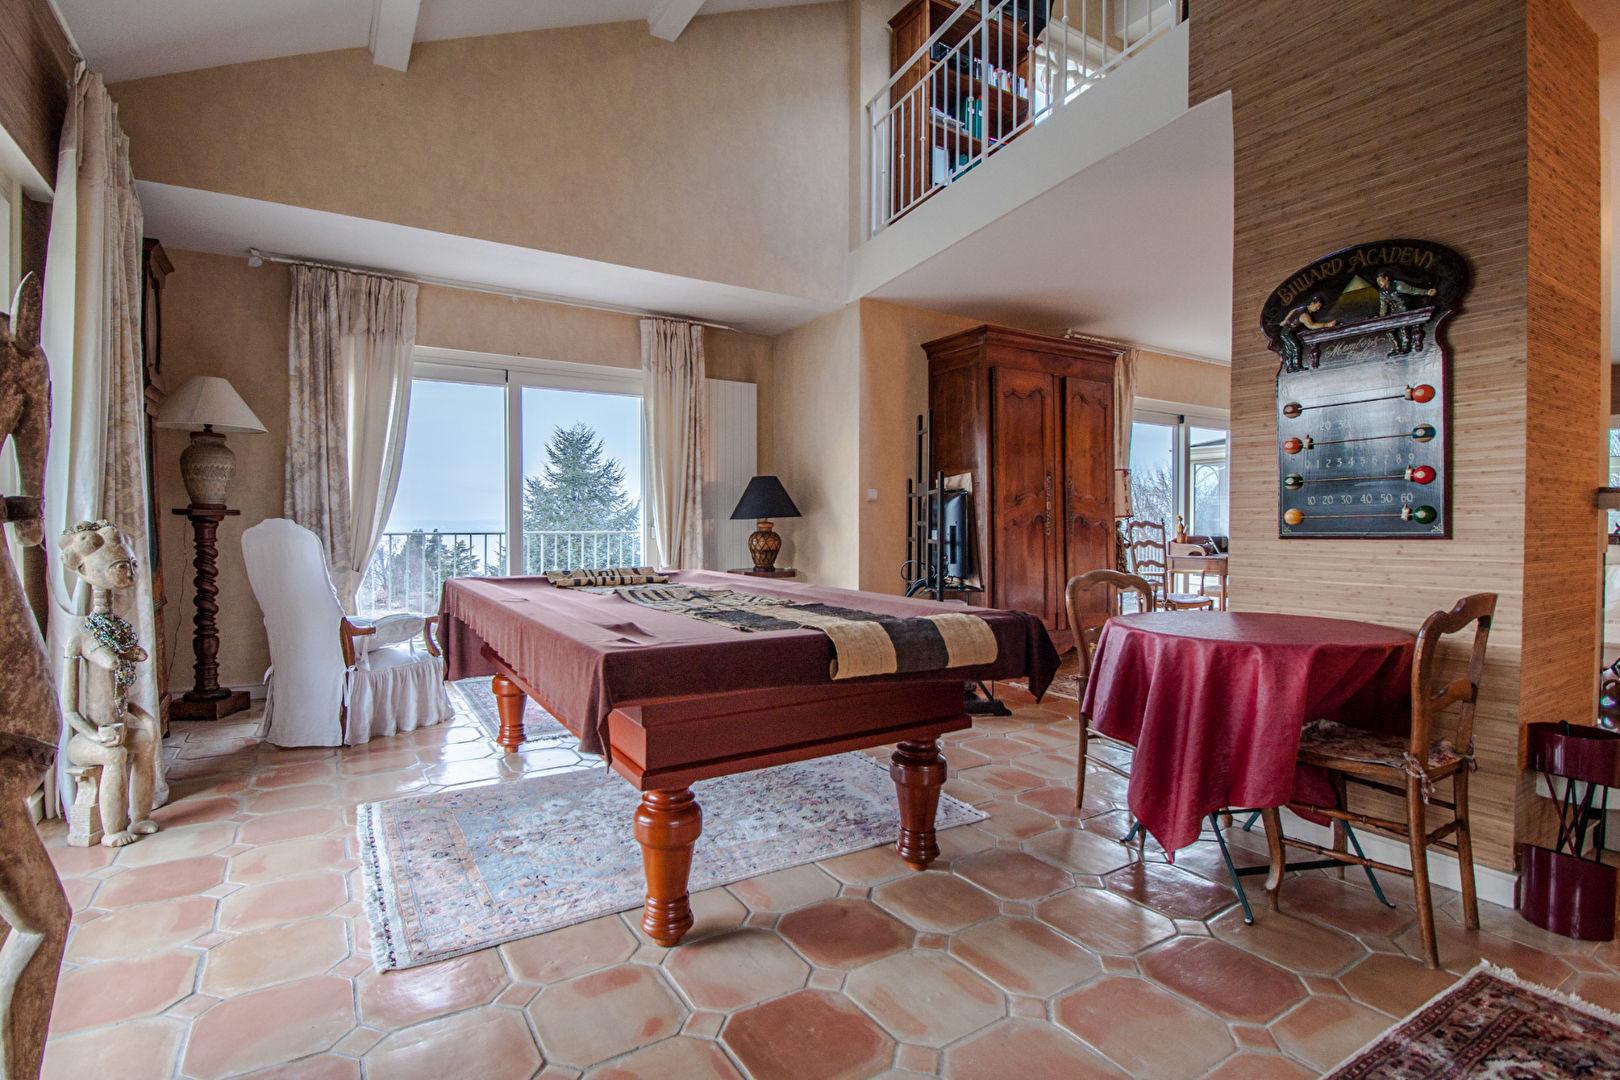 vente maison de luxe 74500 evian les bains